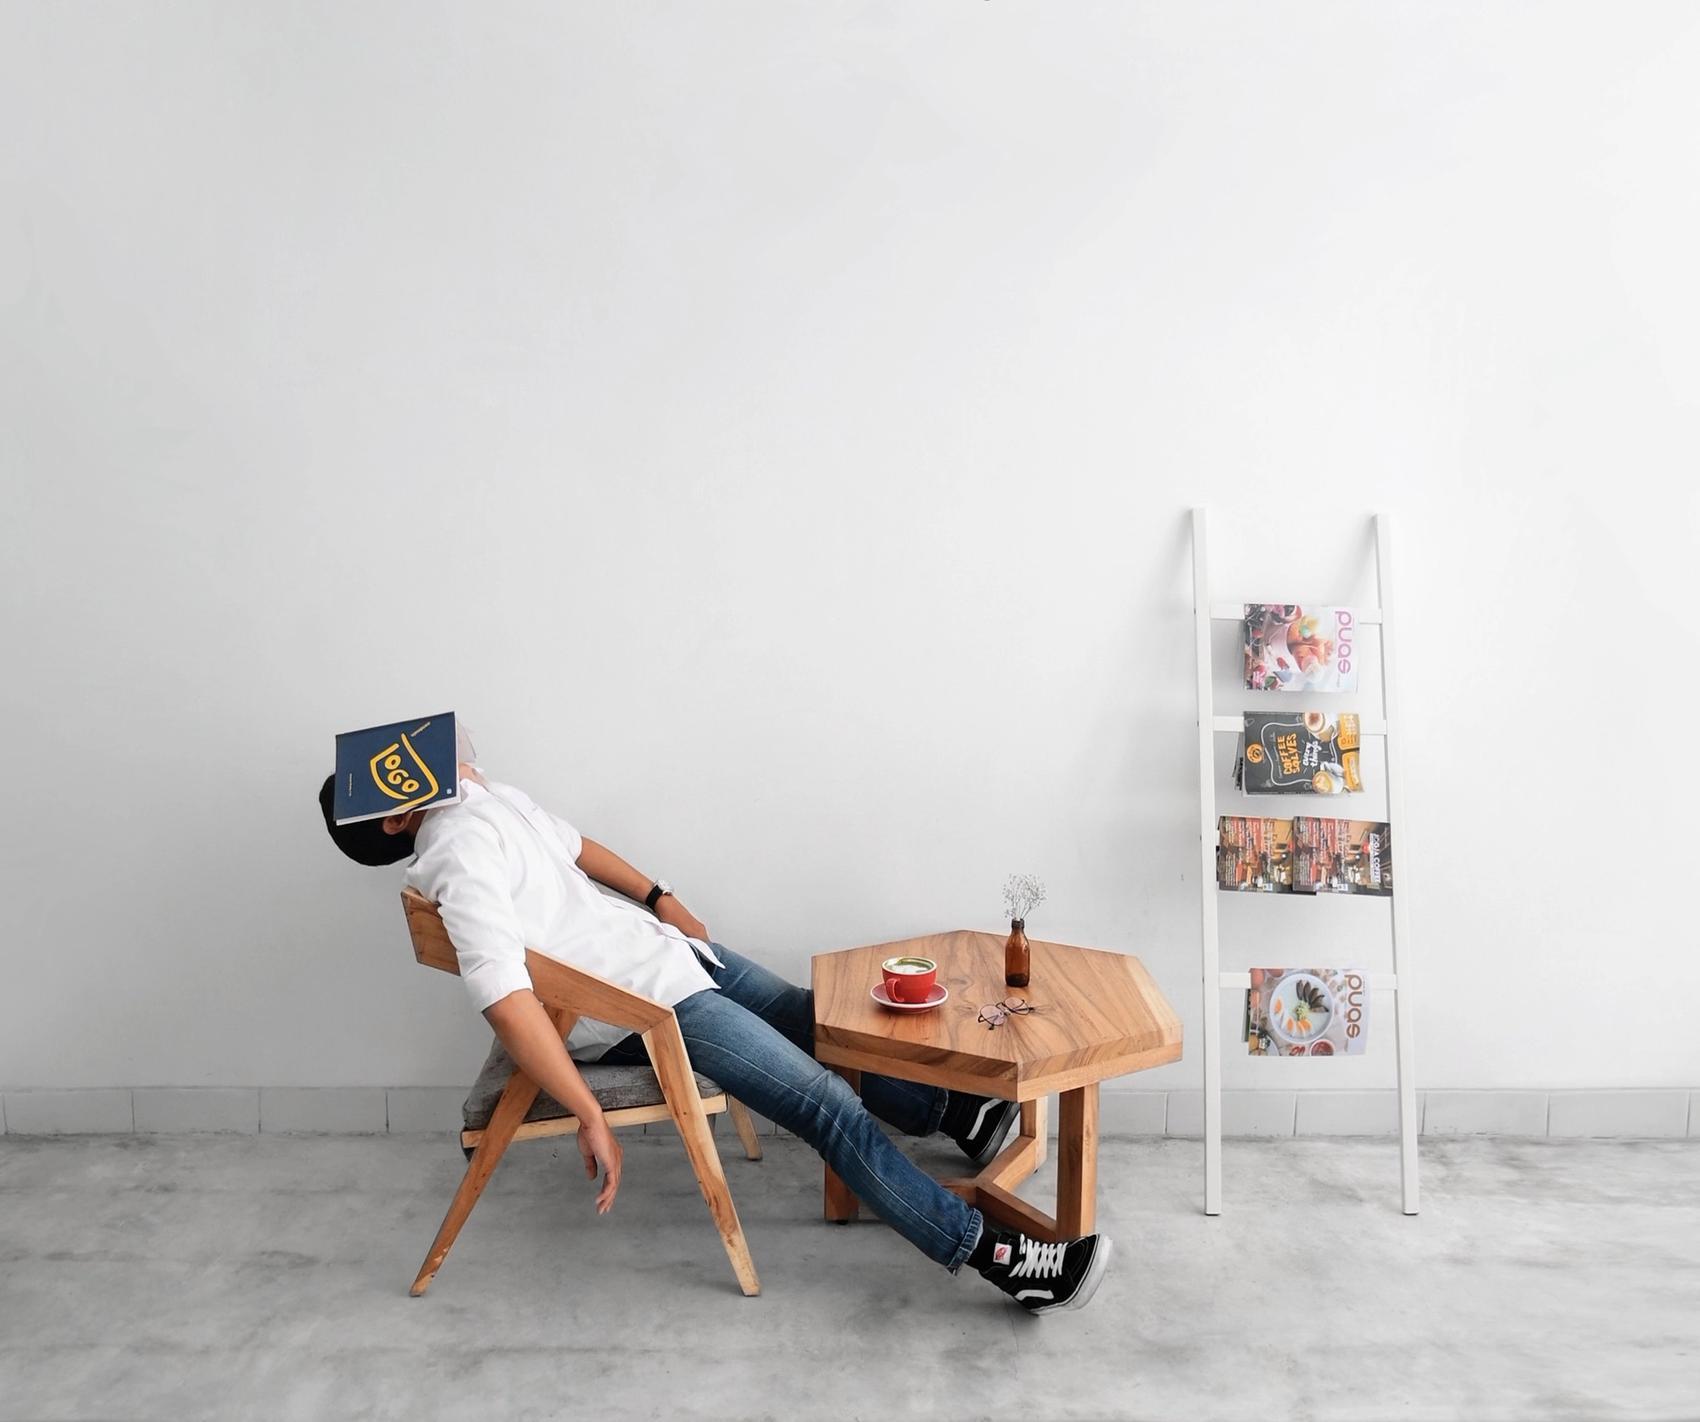 Mann schläft auf Stuhl Narkolepsie